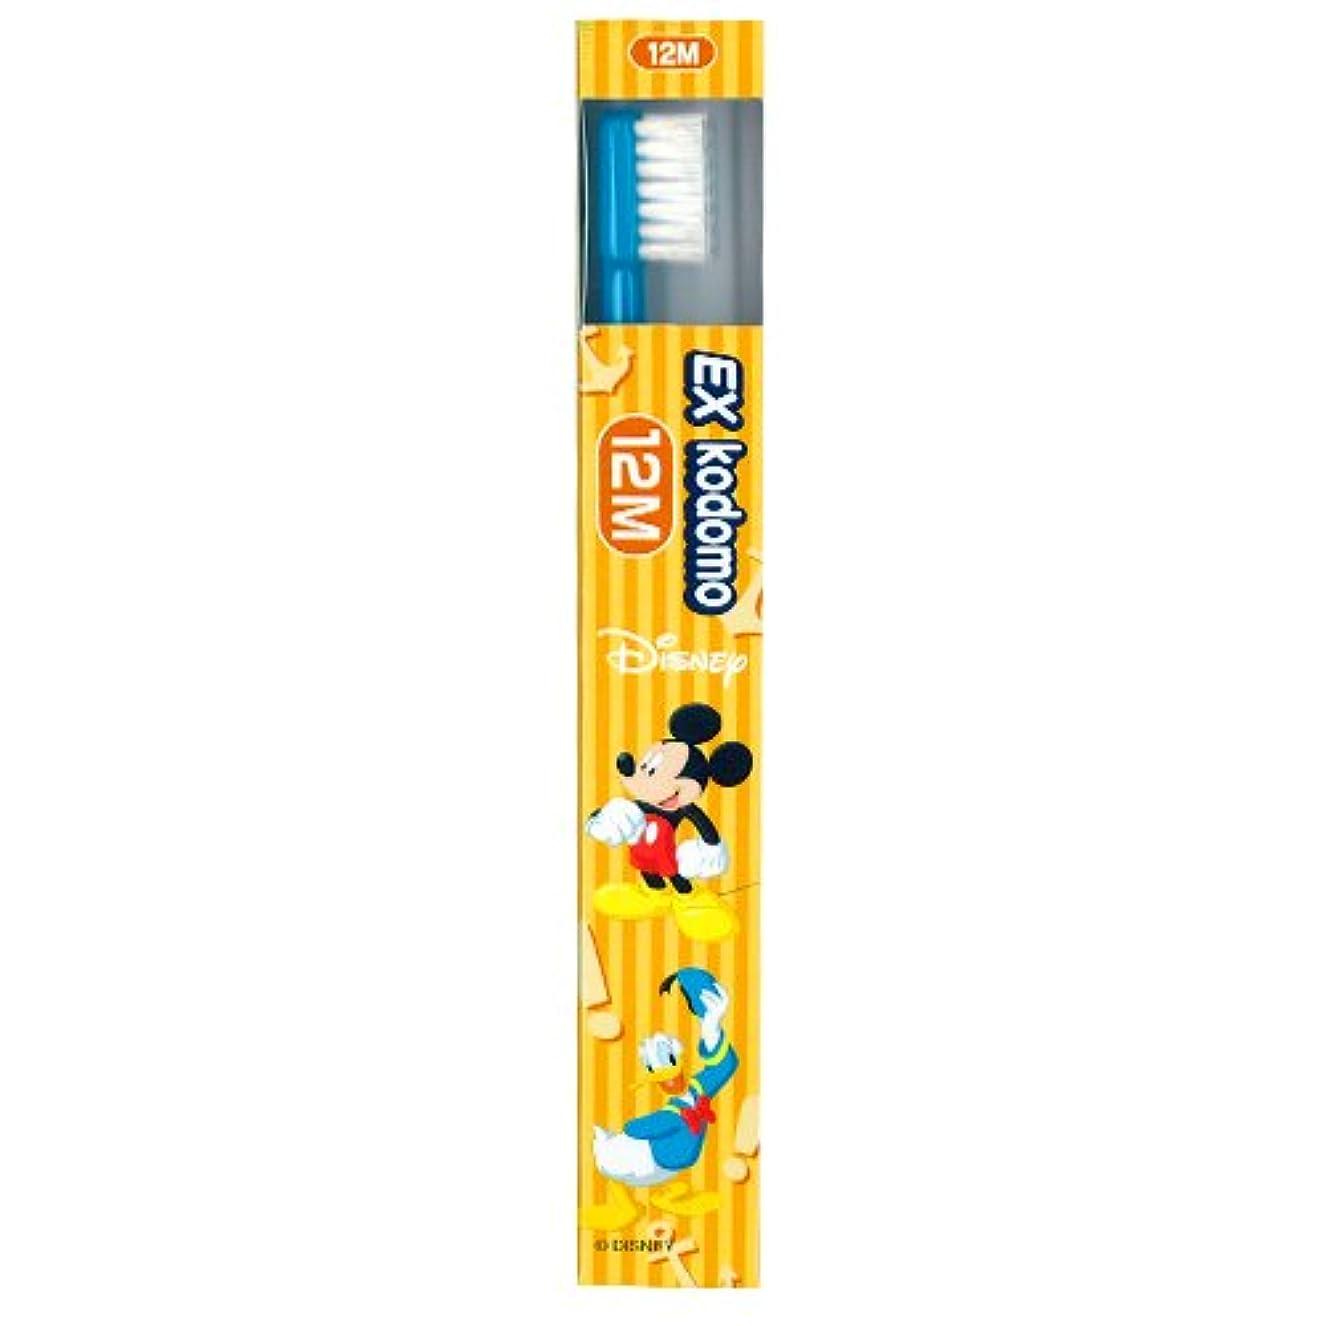 宿命インフルエンザ偽ライオン EX kodomo ディズニー 歯ブラシ 1本 12M ブルー